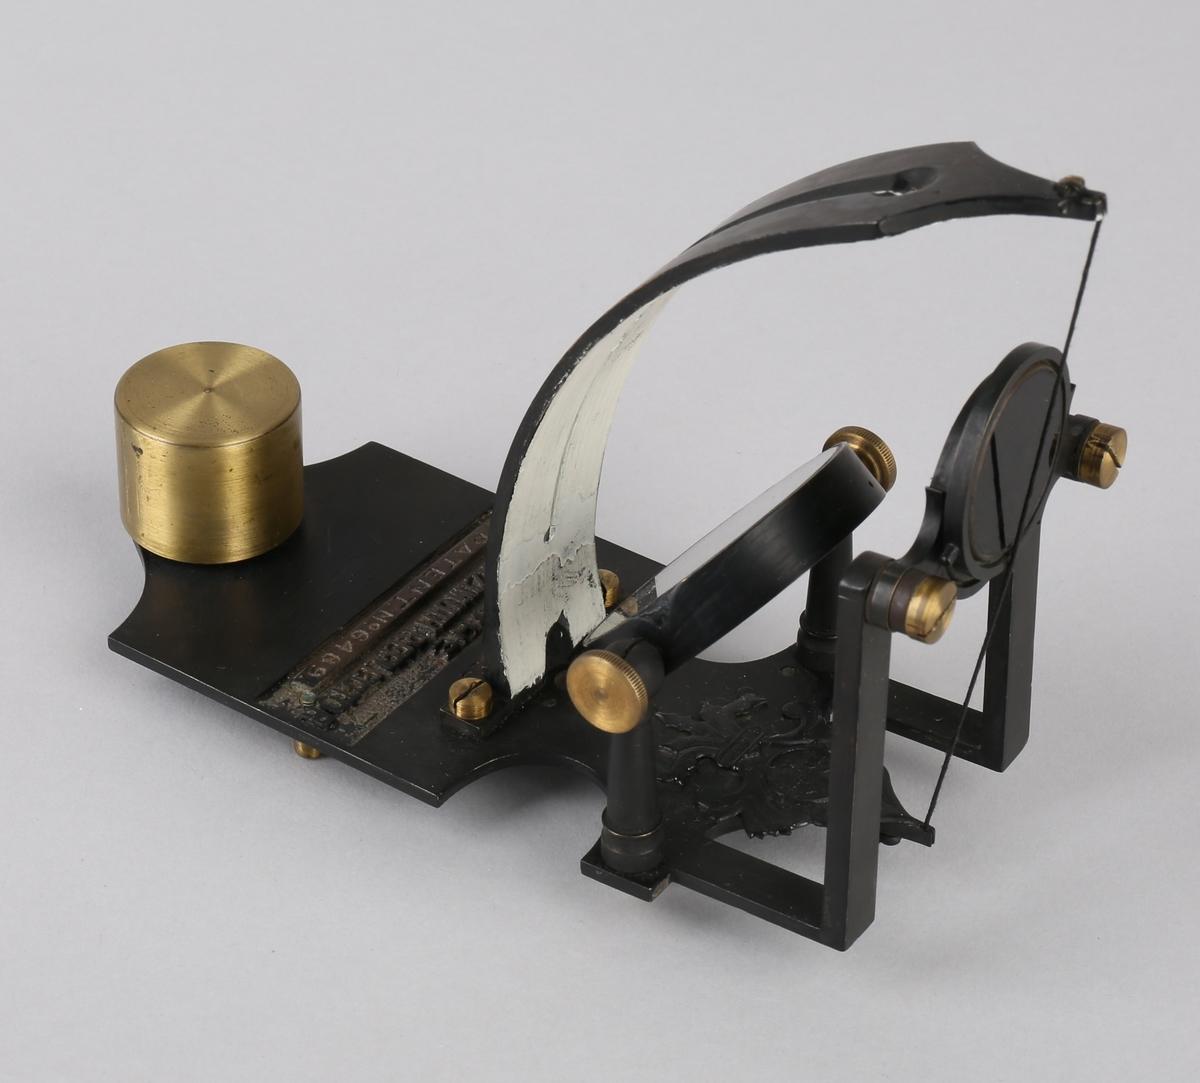 Azimuth-speil. Kurs-korrektor med speil, bue med streng, samt runde skiver med rød og grønn farge. Til å sette på kompass for korrigering.